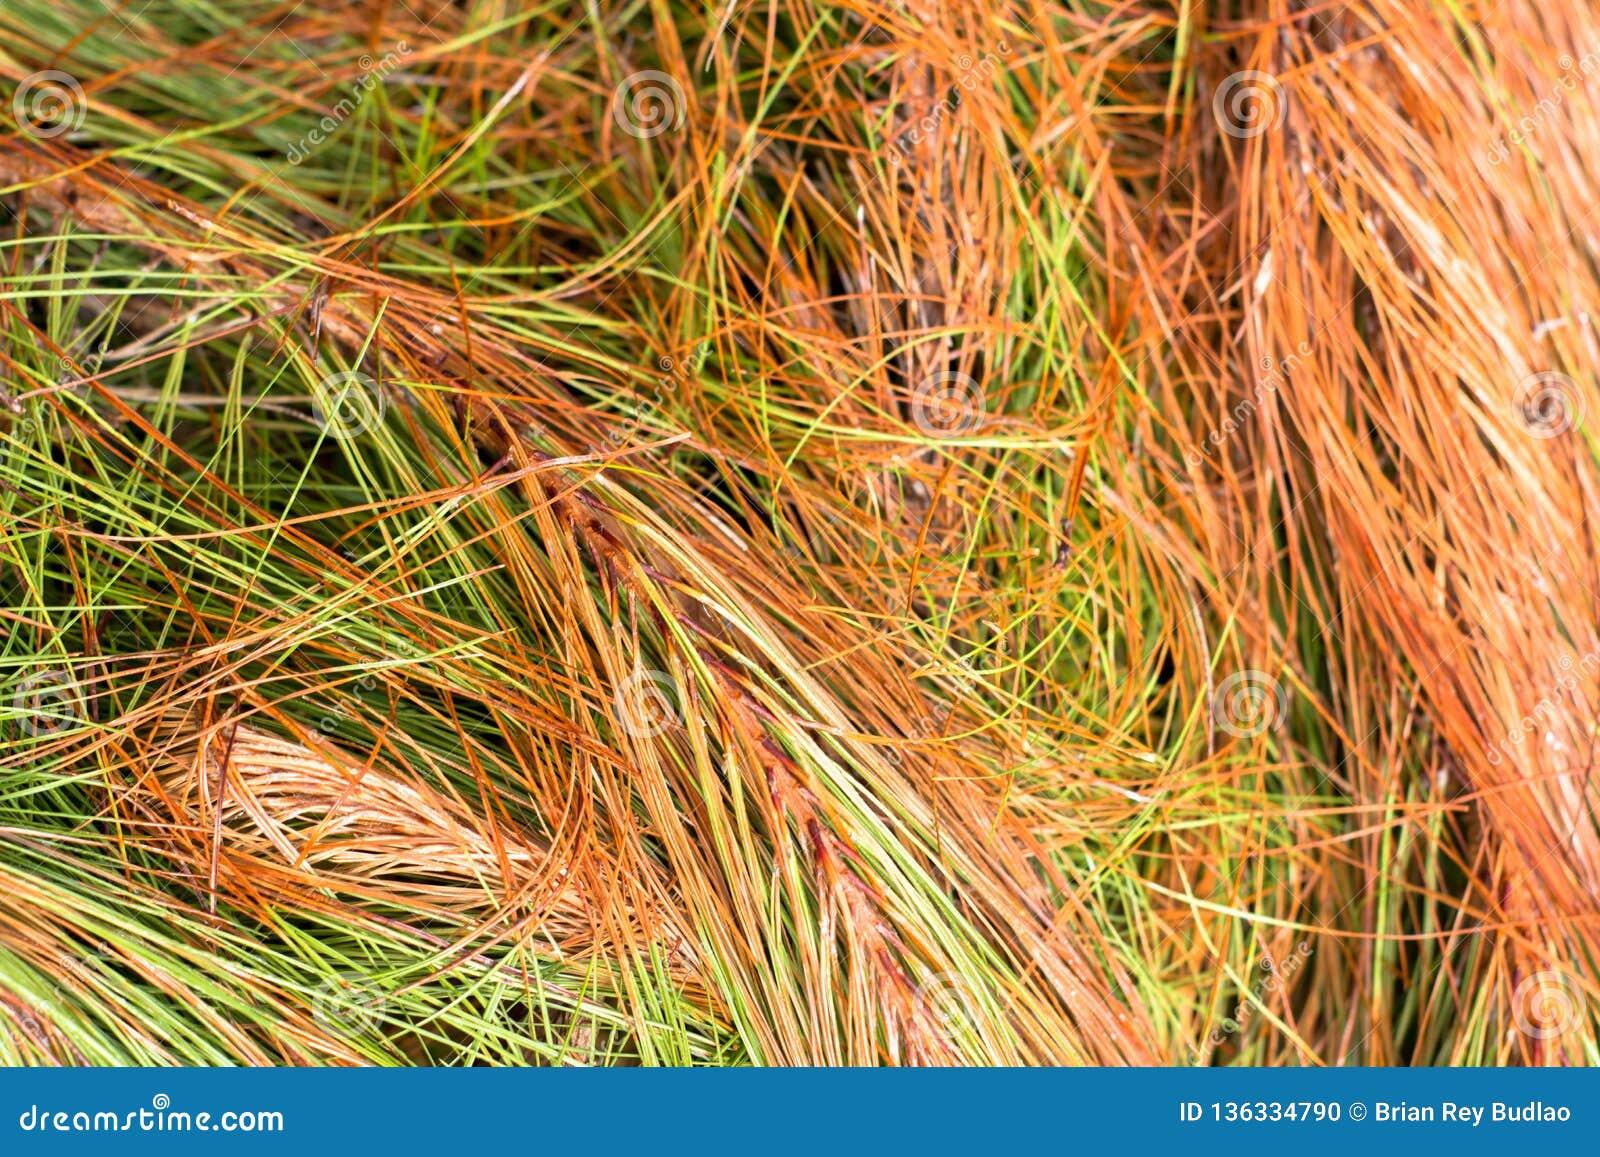 Красочная дикая трава в горе